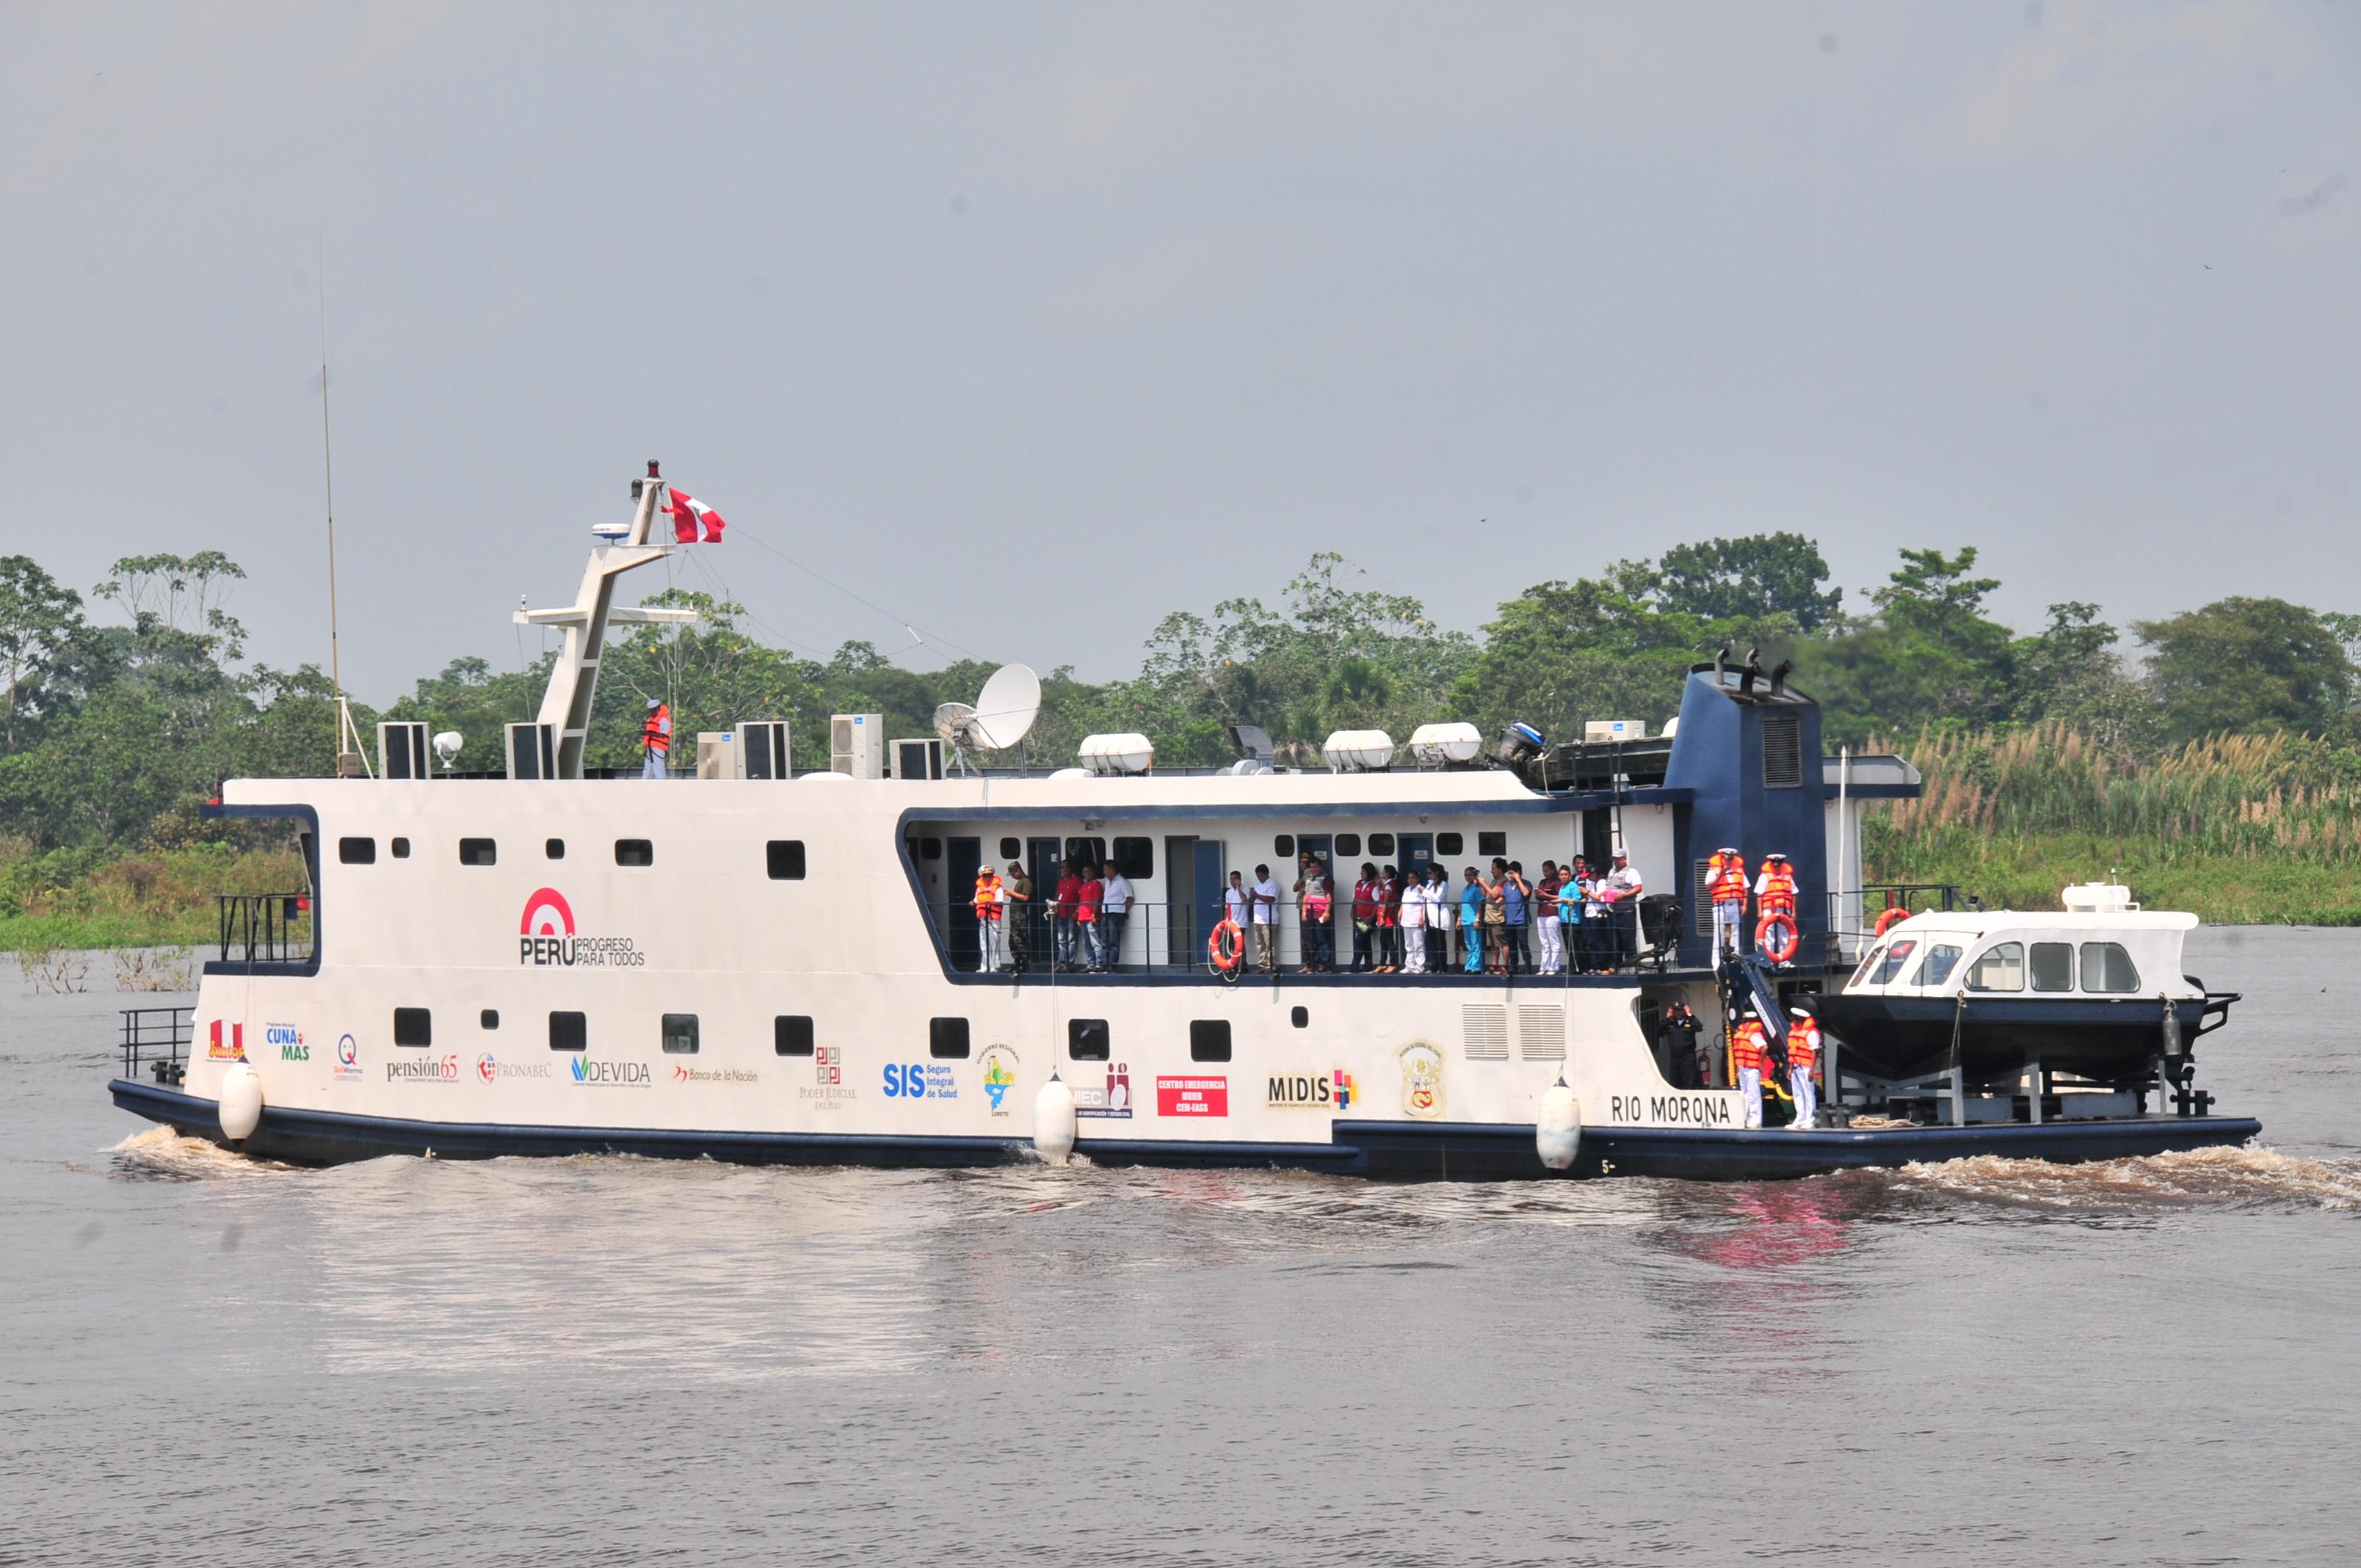 Peruvian Navy Starts Annual Social Action Program